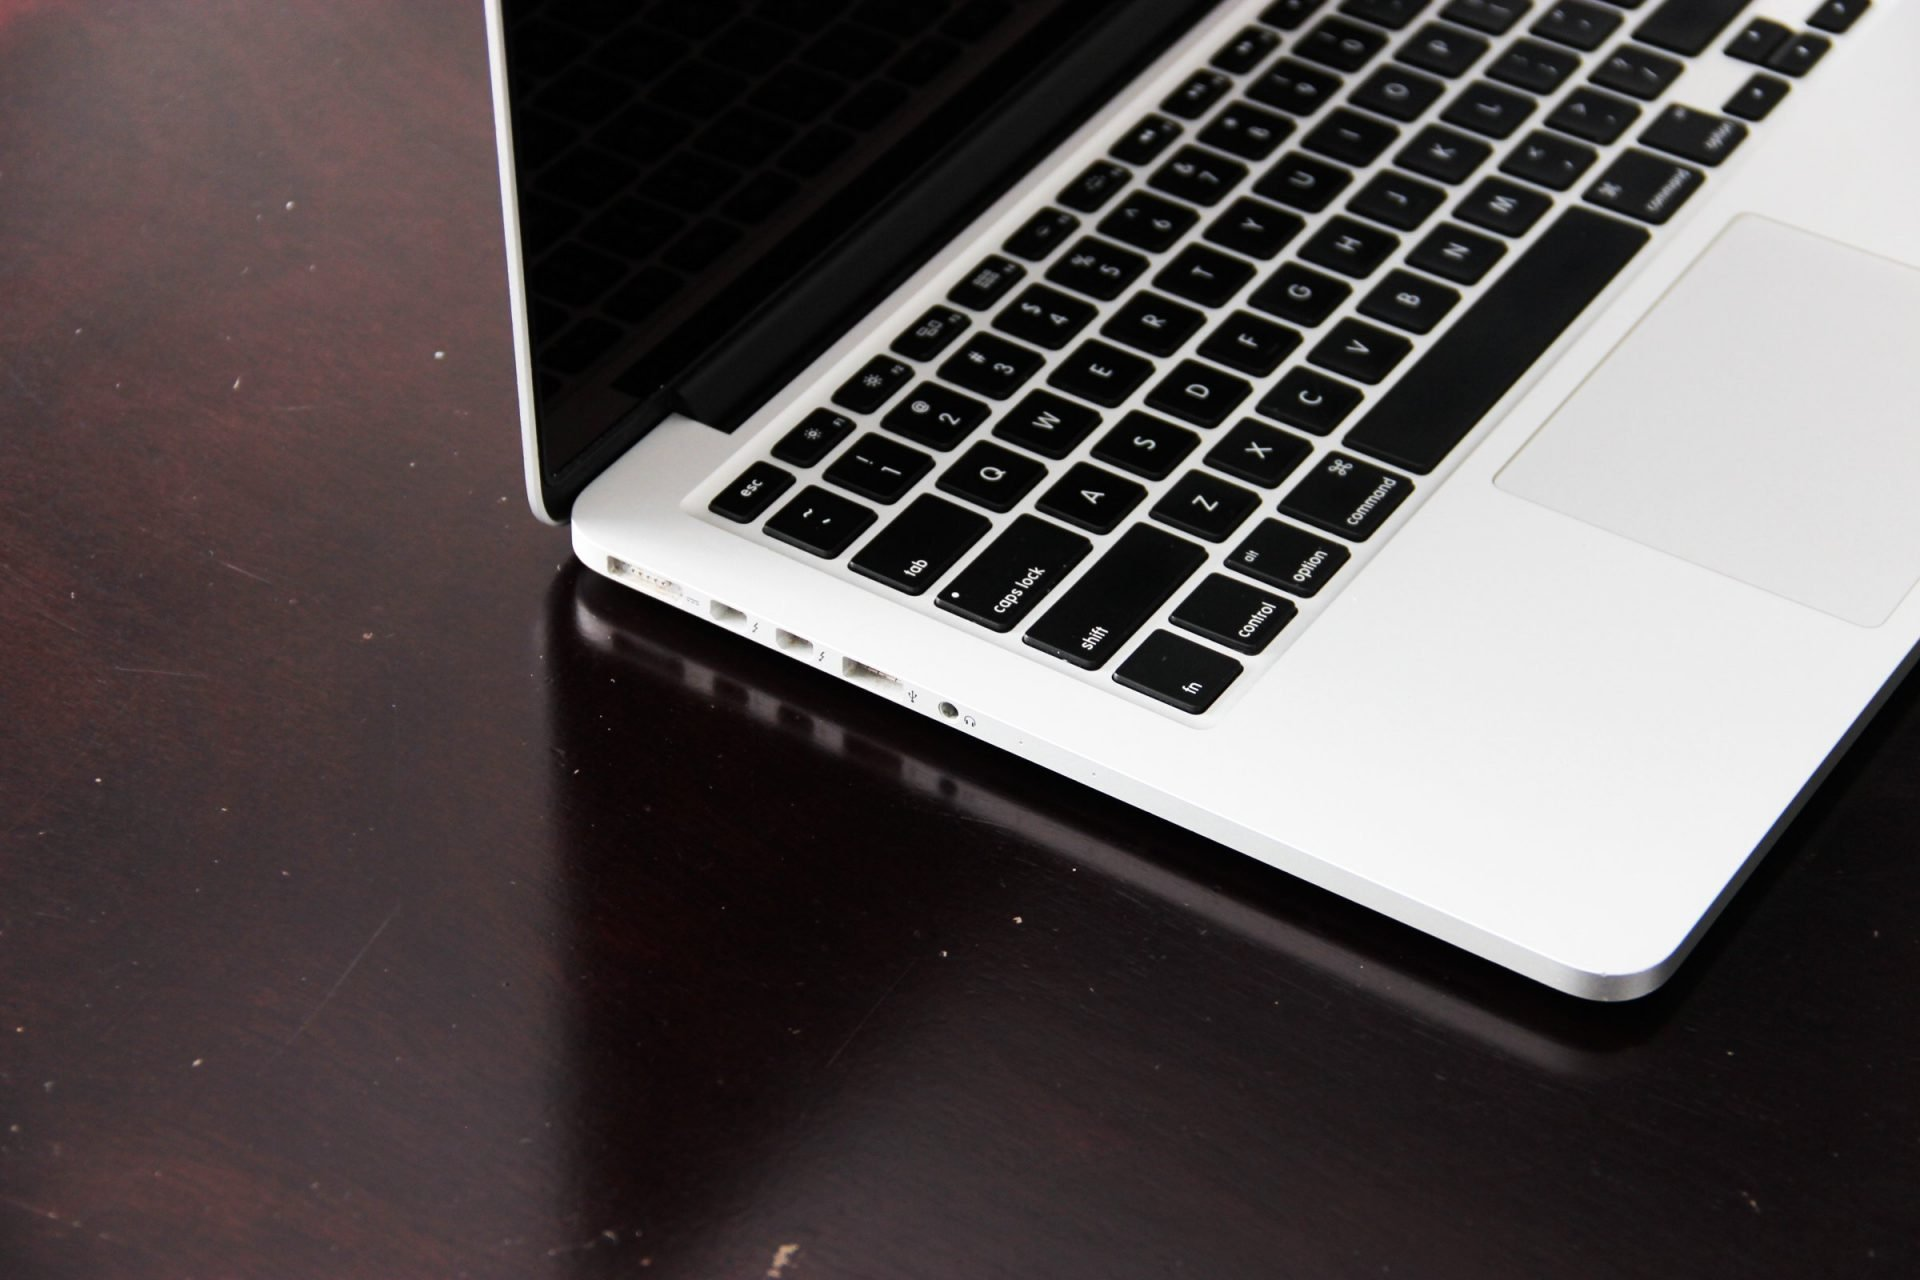 Keyboard Of Laptop On Dark Surface